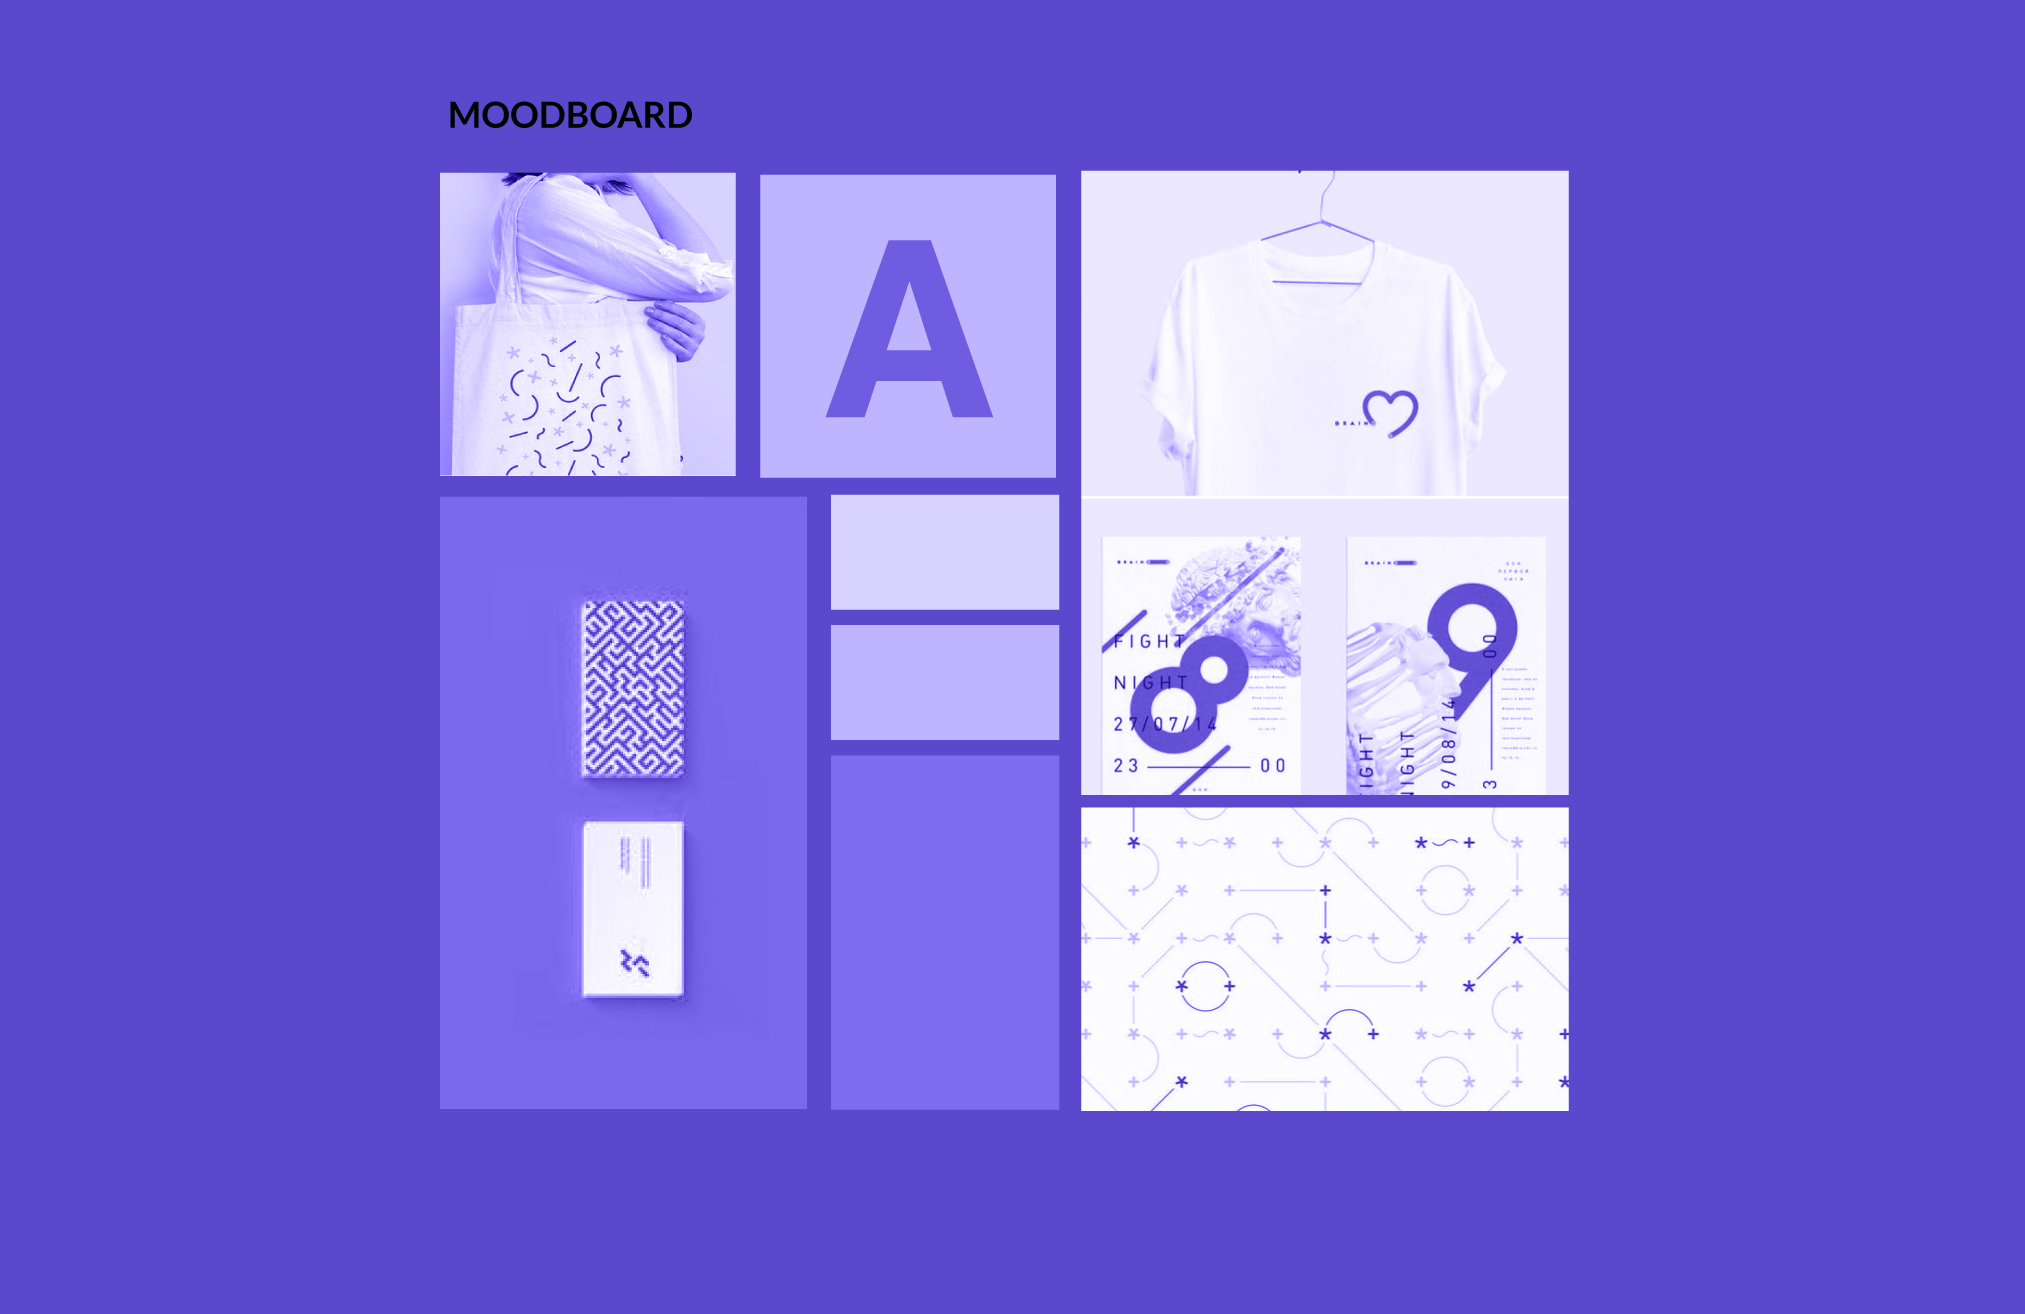 مودبورد تصميم الهويات